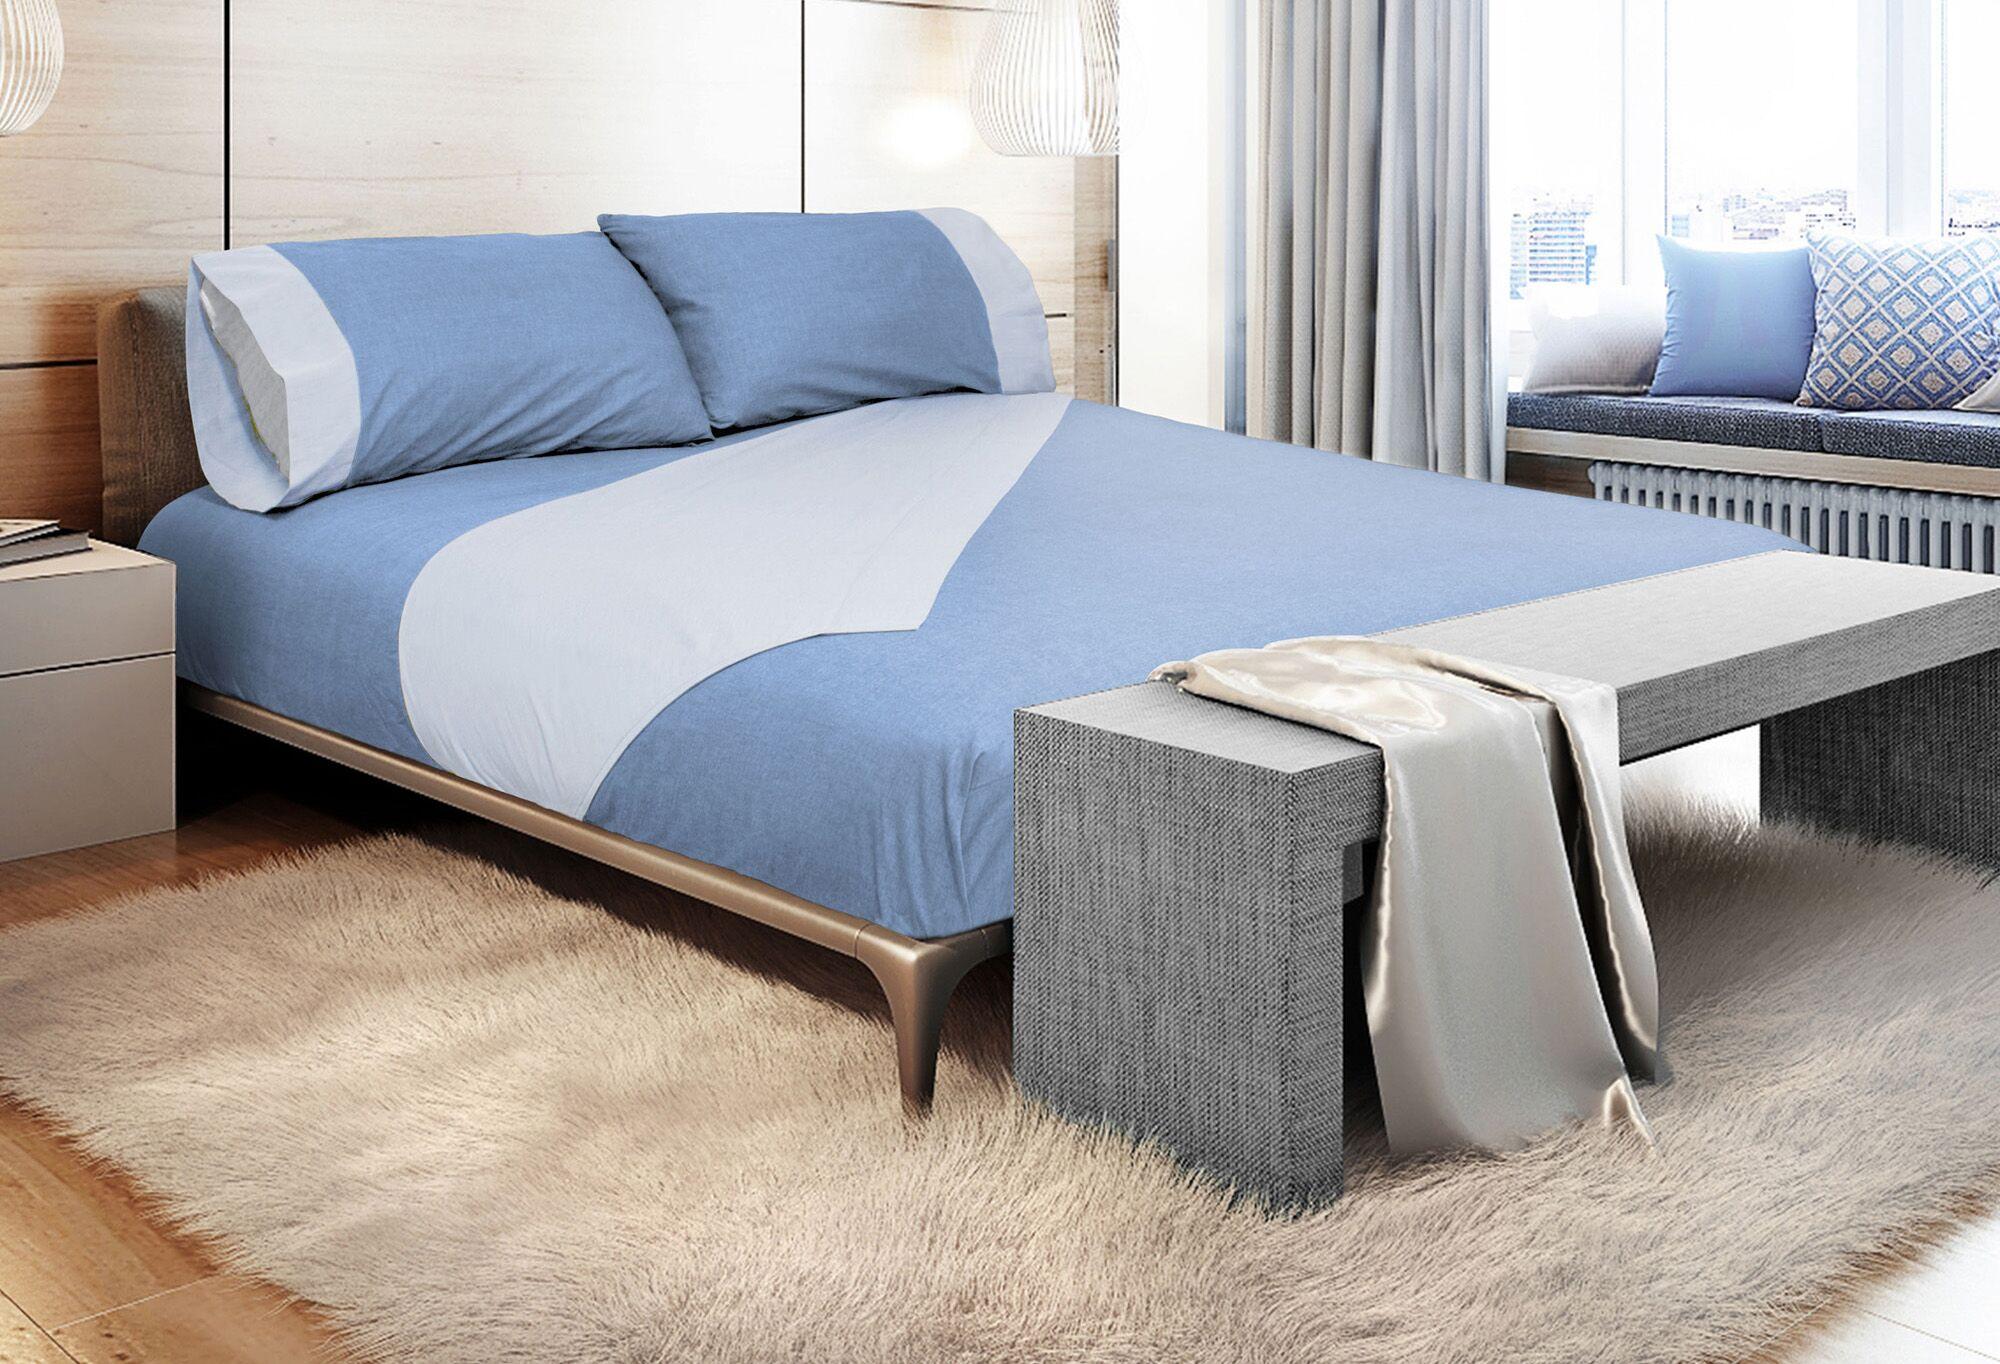 Binder 300 Thread Count 100% Cotton Sheet Set Color: Denim Blue, Size: King